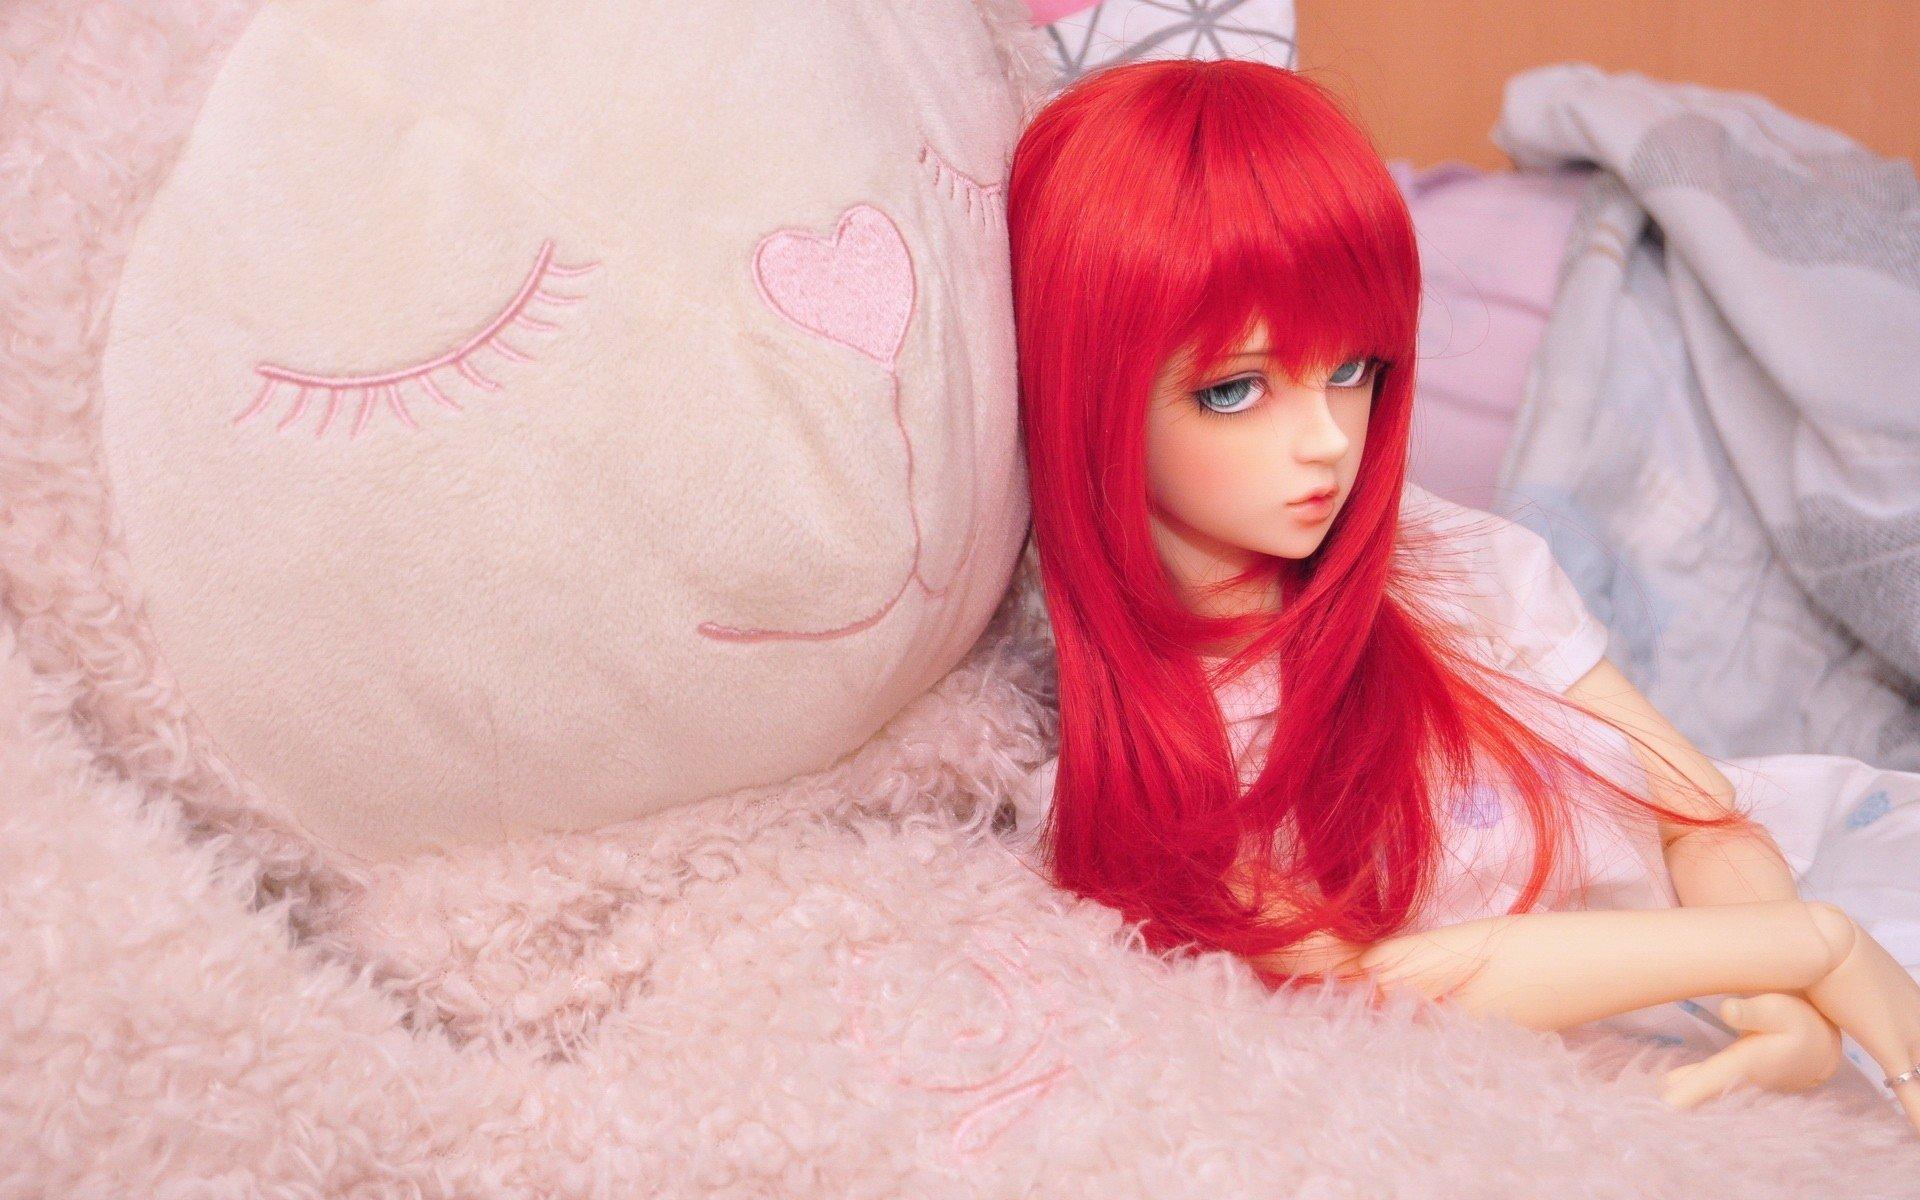 摄影 - 可爱  洋娃娃 Teddy Bear 玩具 秀发 壁纸